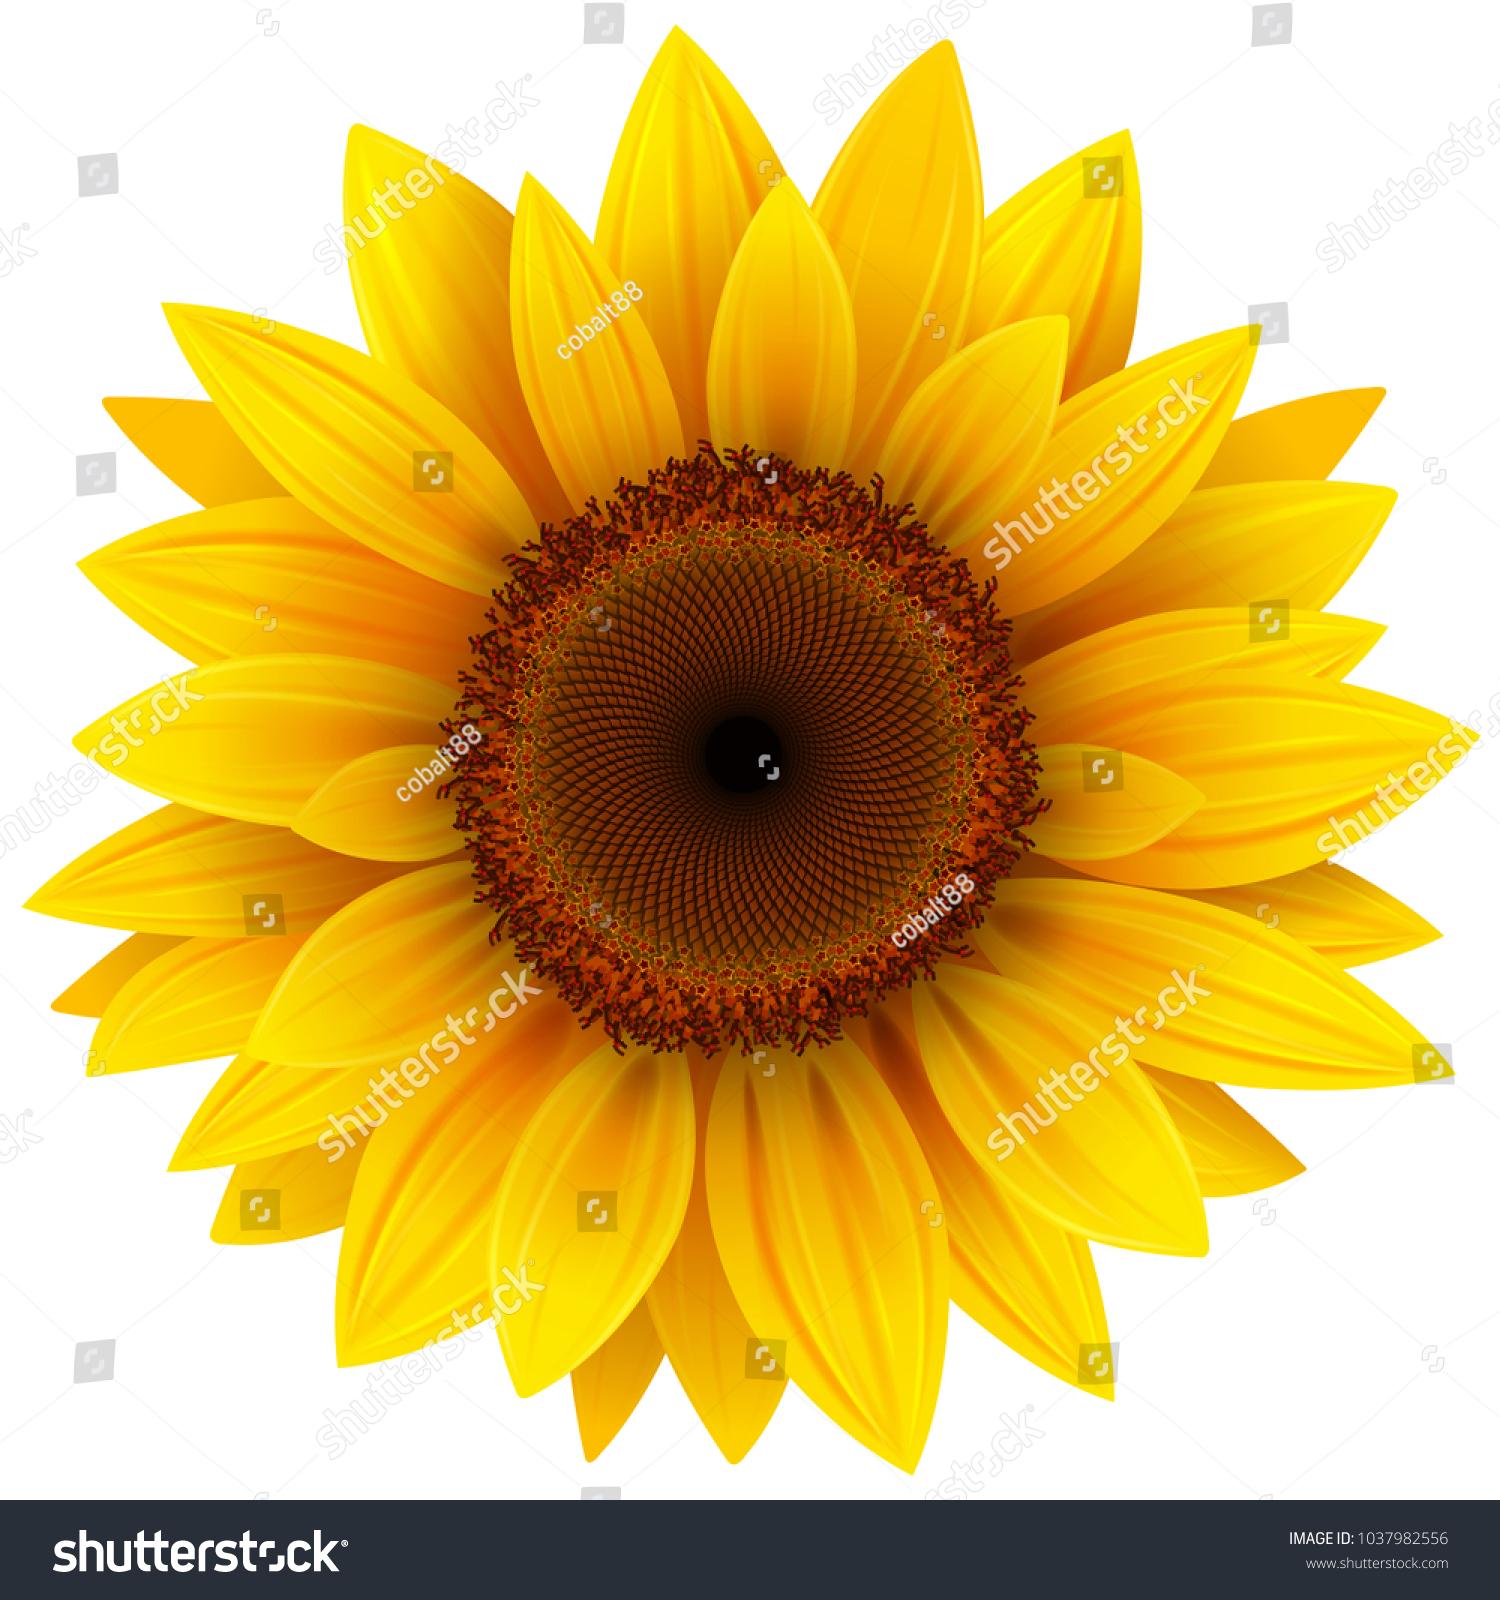 Sunflower flower isolated, vector illustration.